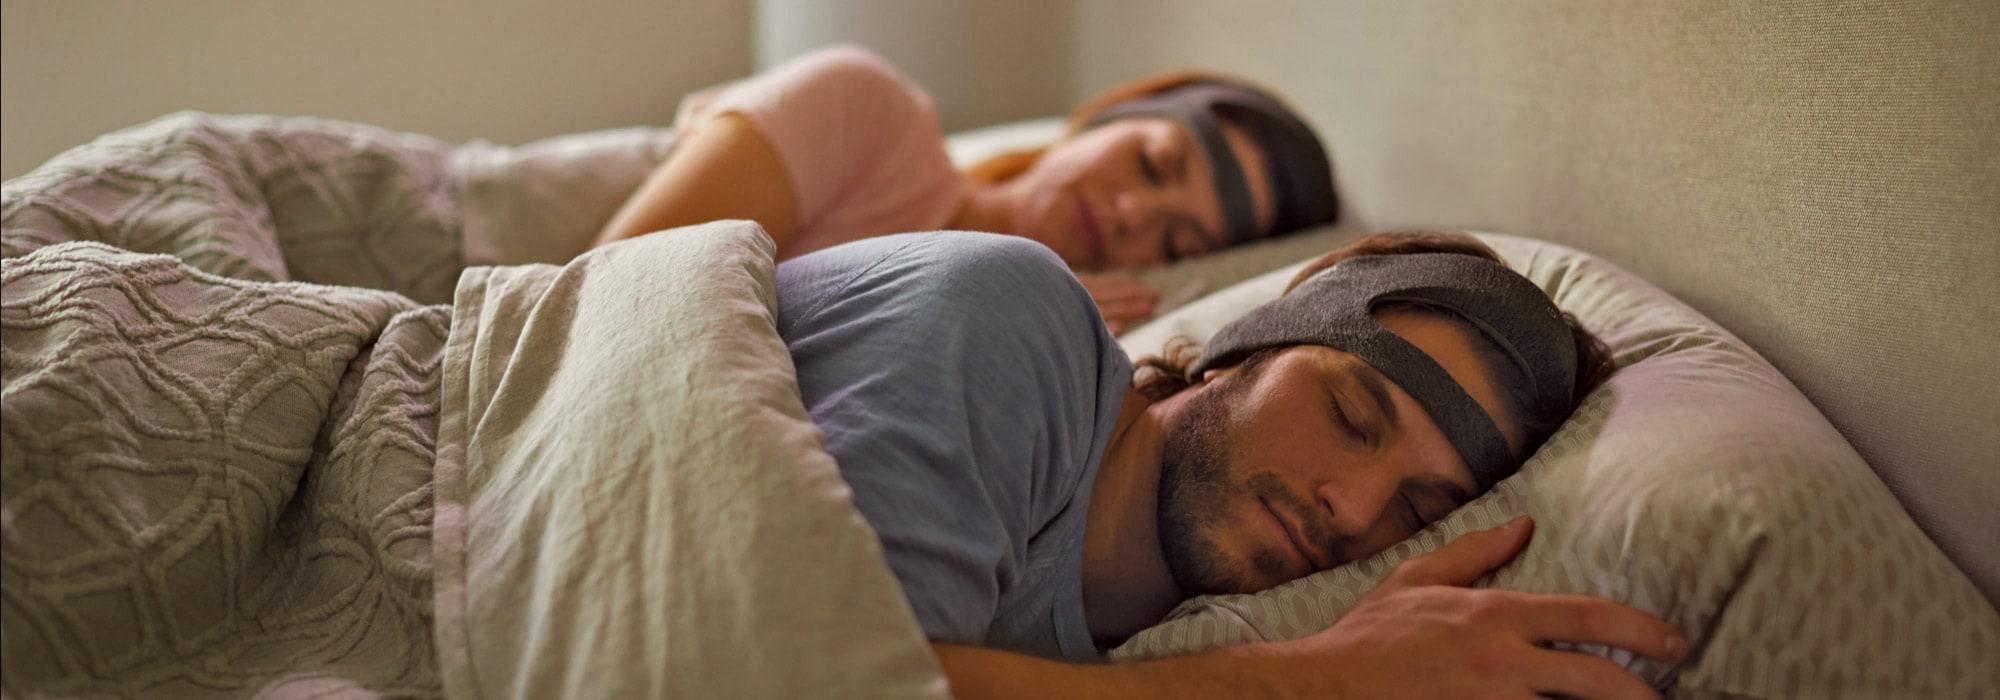 philips lanceert smartsleep verbetert klinisch bewezen de. Black Bedroom Furniture Sets. Home Design Ideas